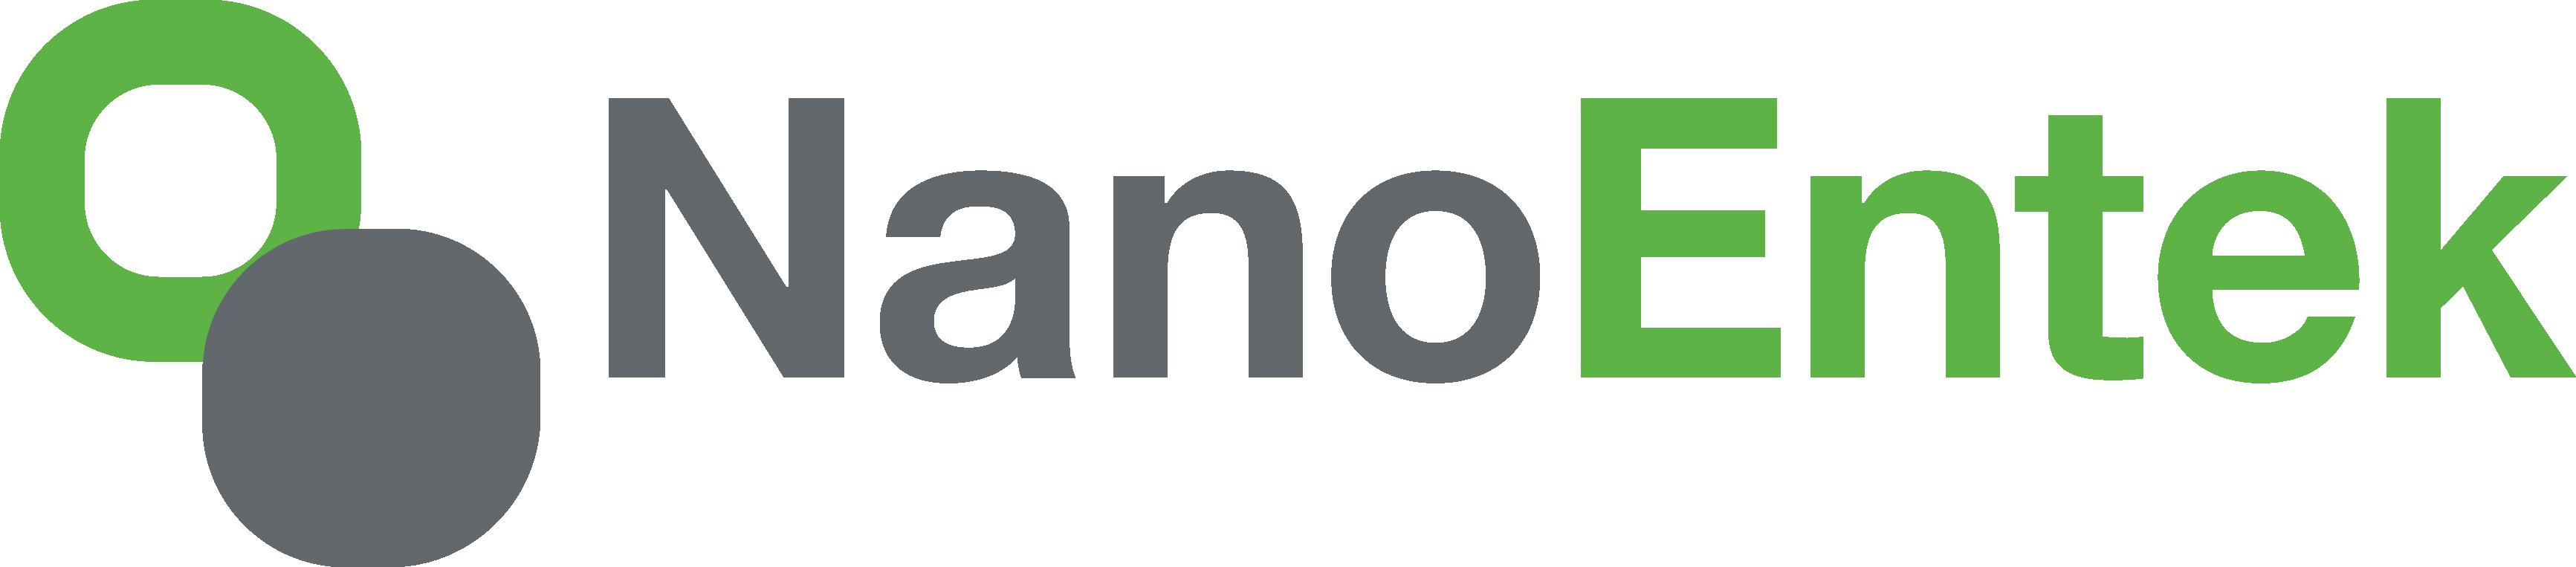 (주)나노엔텍의 기업로고